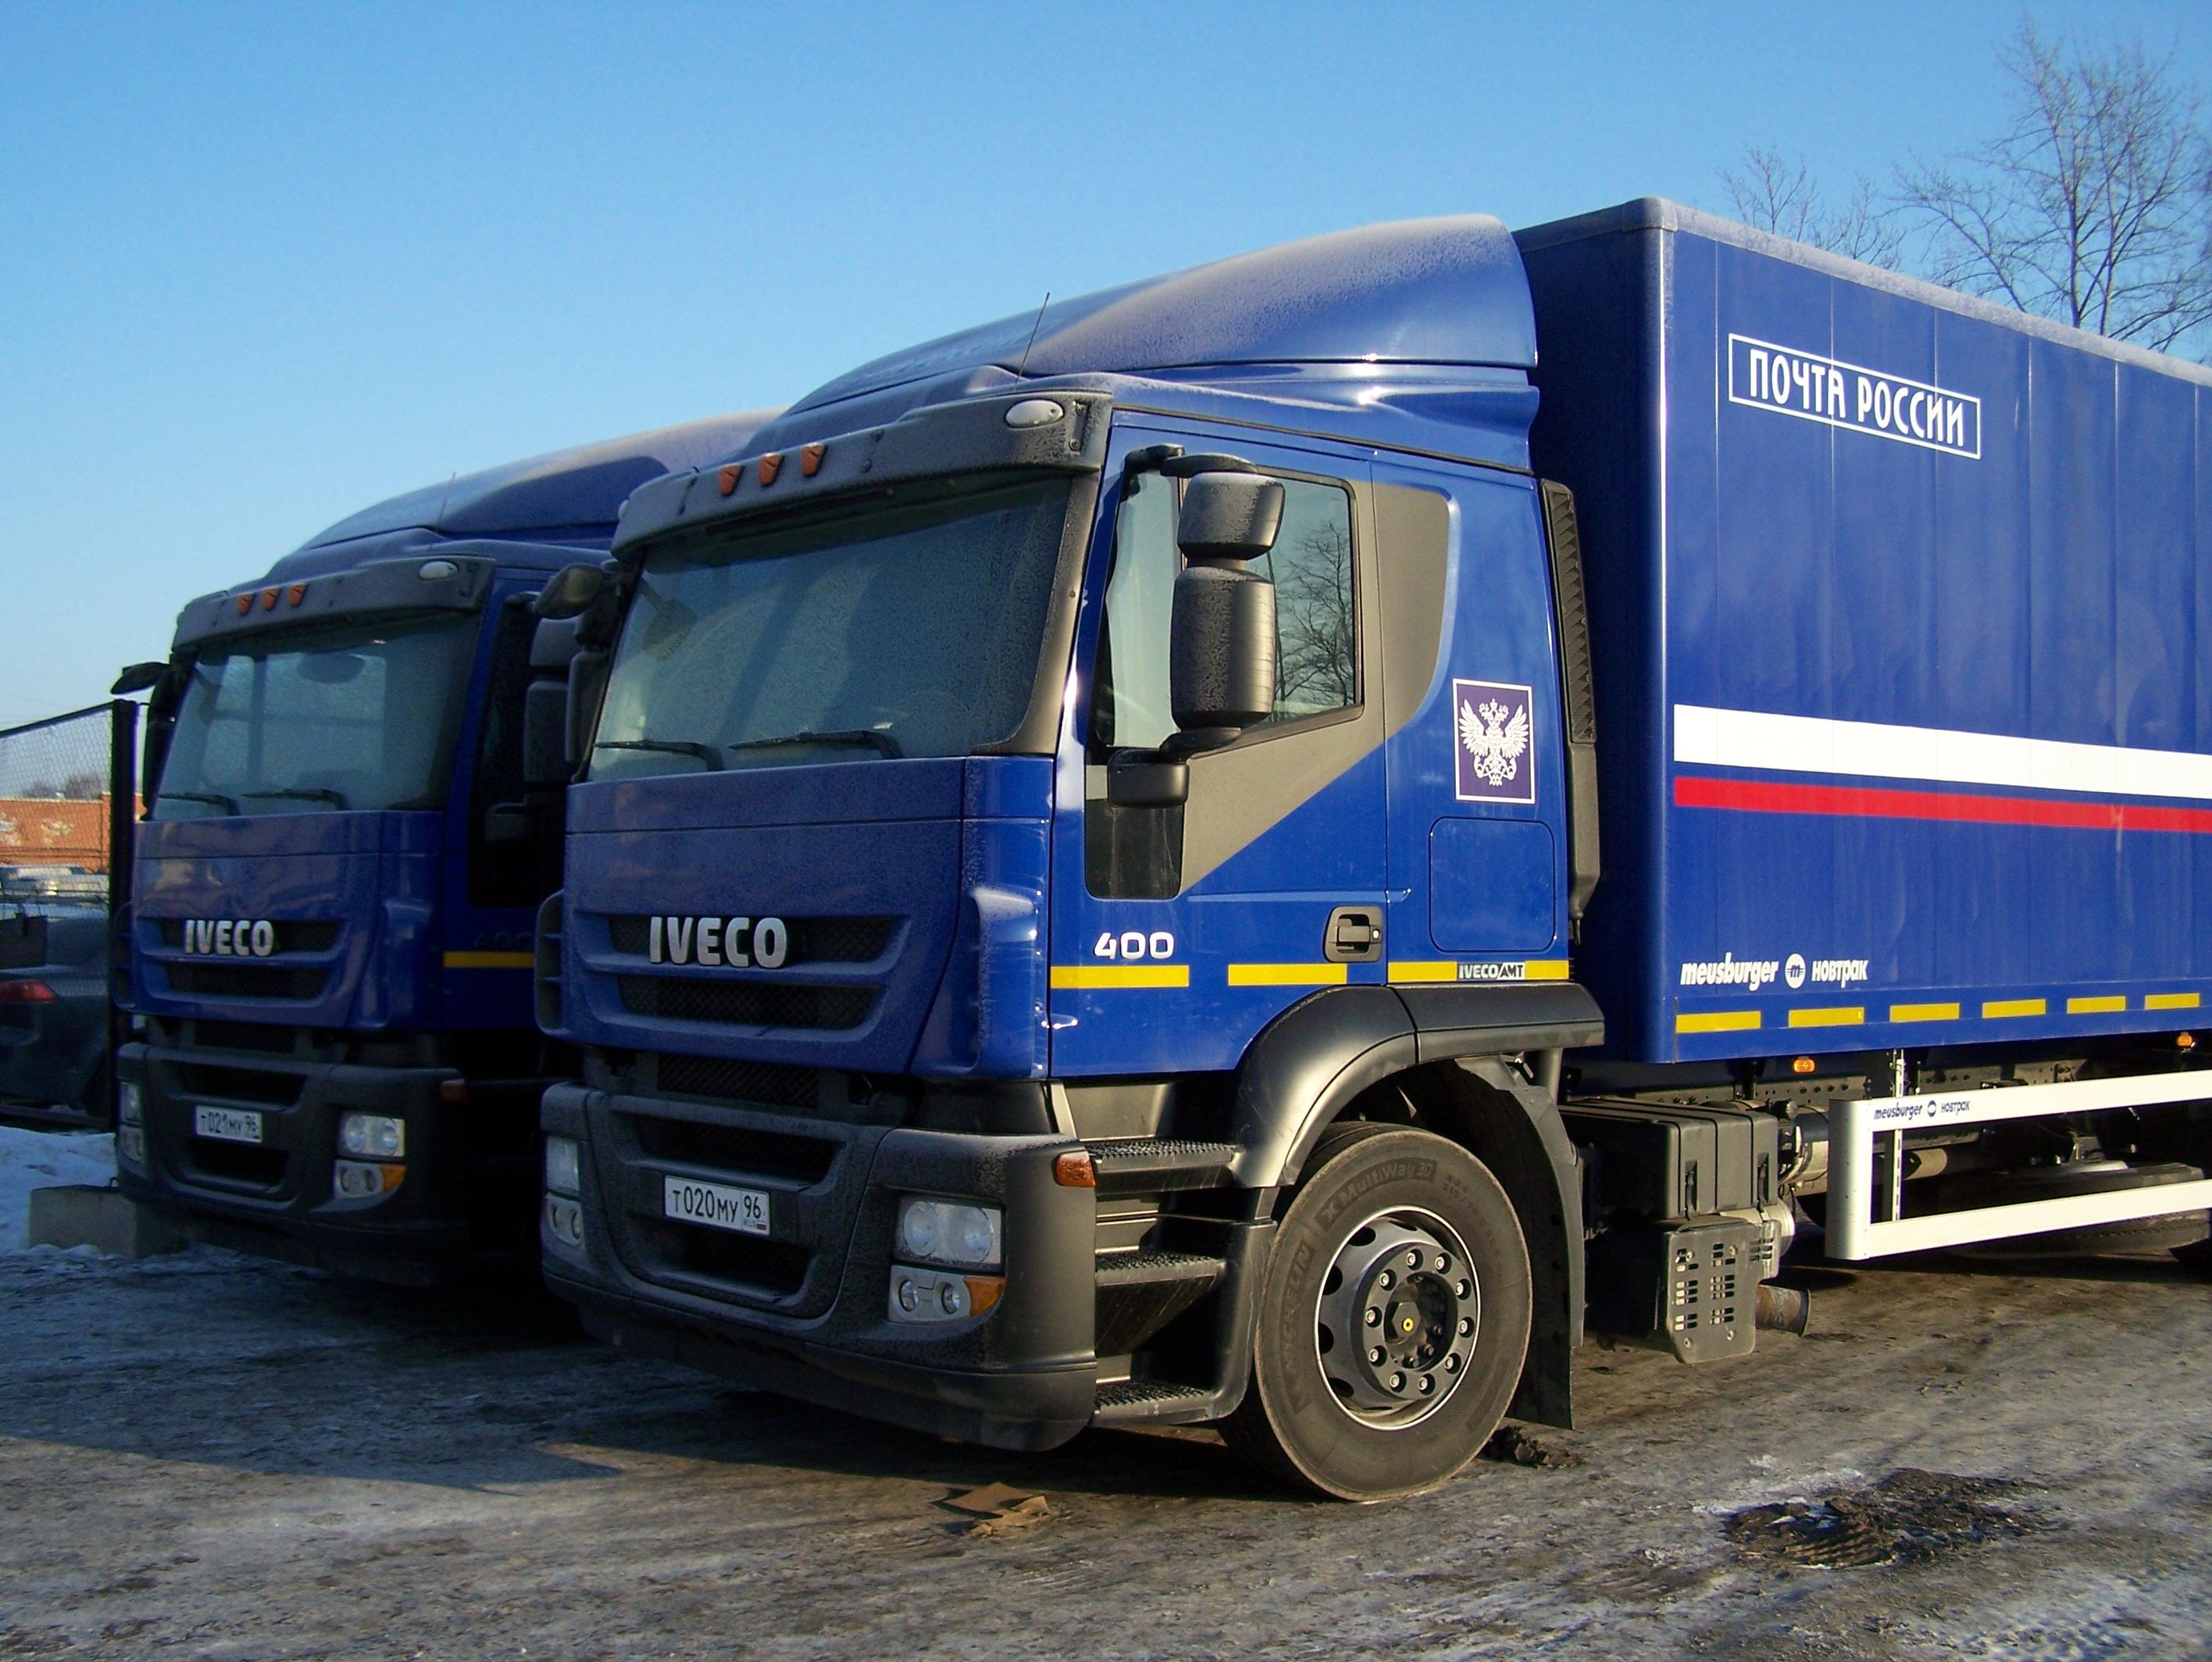 Около 400 посылок с гуманитарной помощью отправили жители Челябинской области в адрес пострадавши